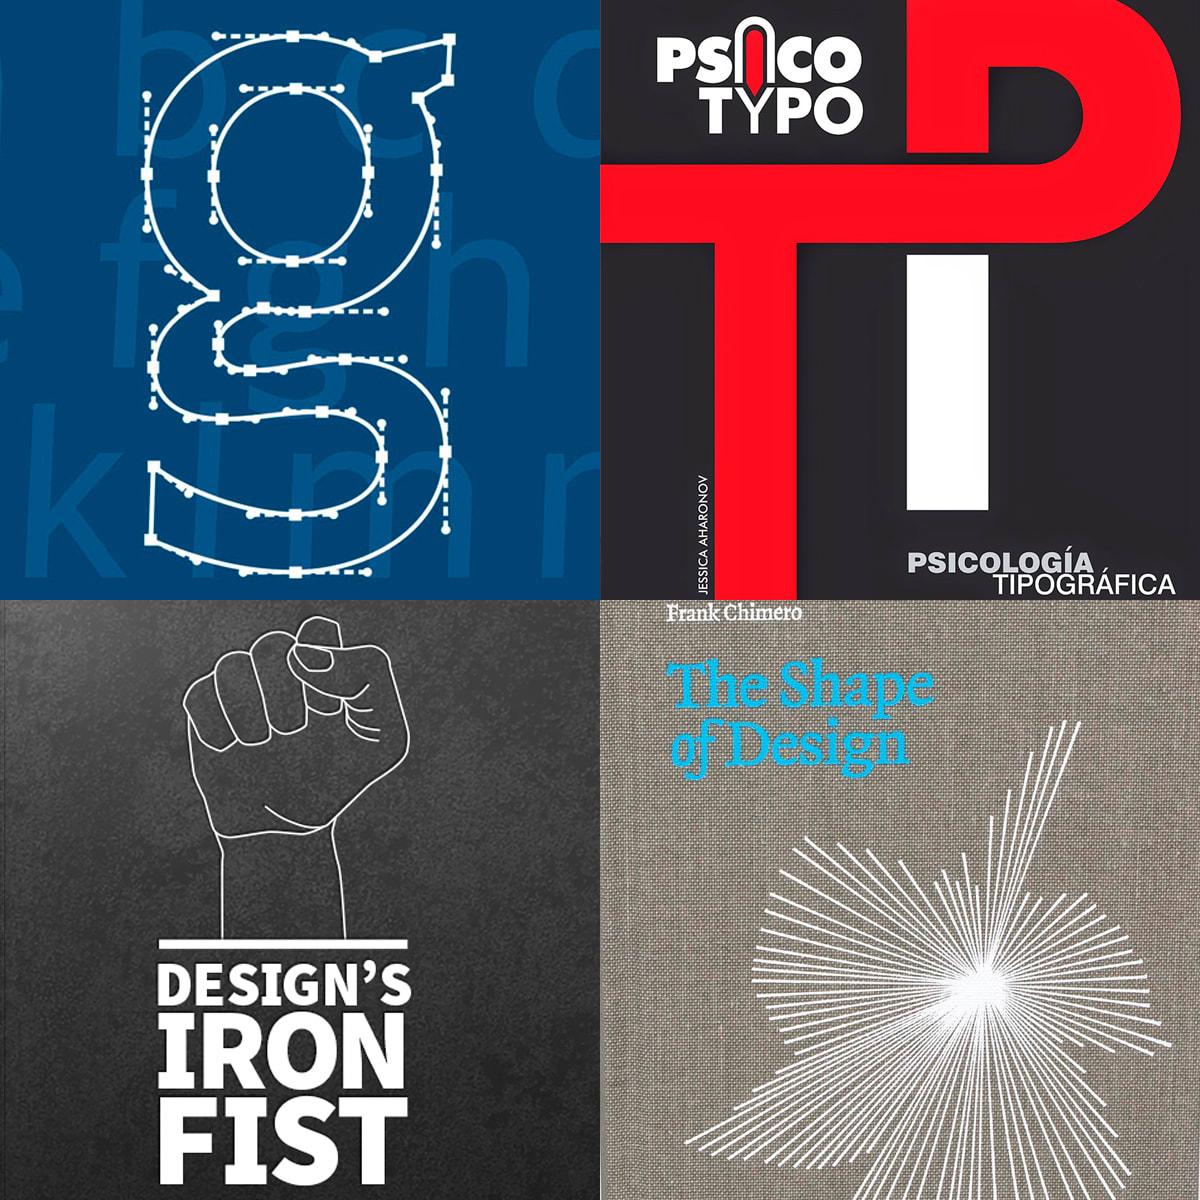 Recursos - Magazine cover